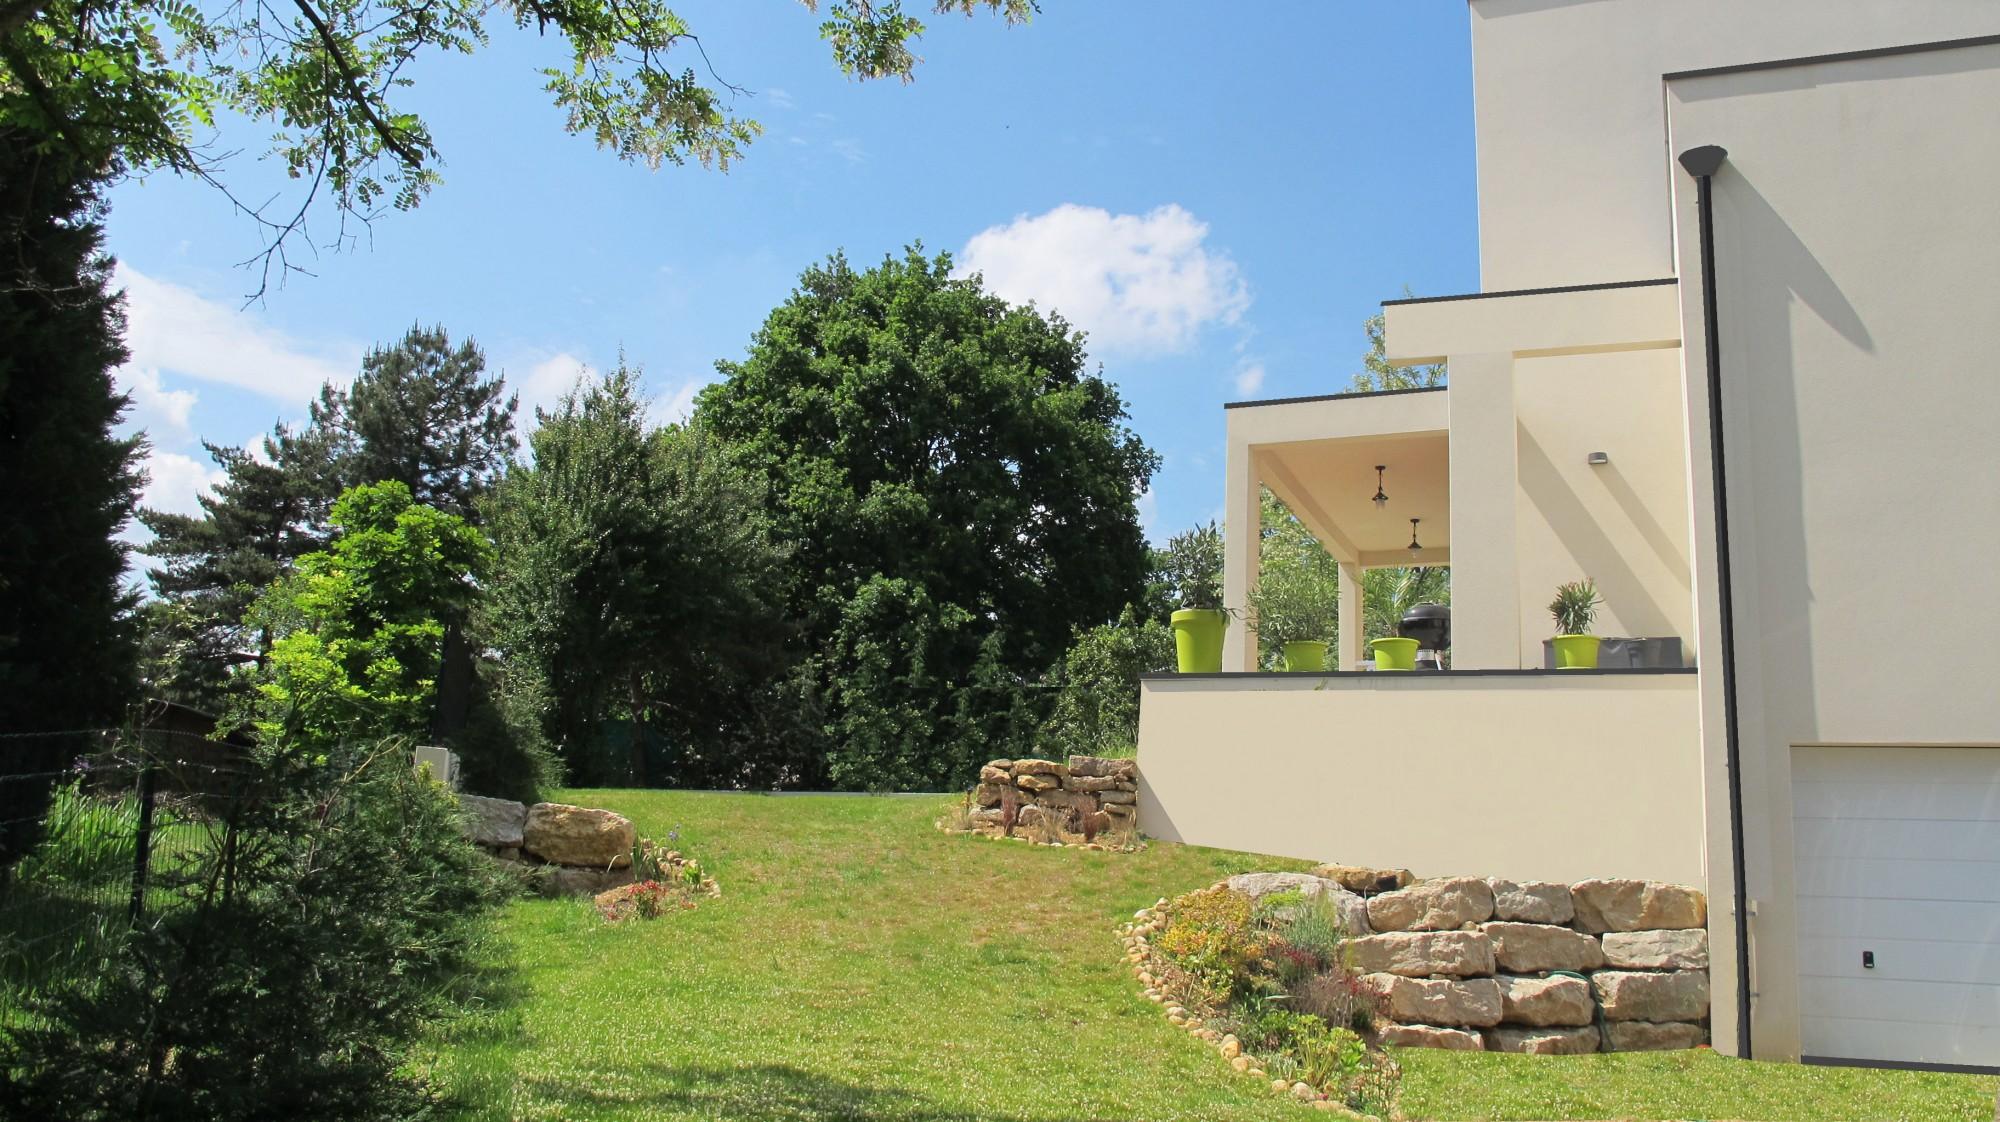 Maison cubique dans l 39 ouest lyonnais bureau d 39 tudes et for Bureau vallee villefranche sur saone